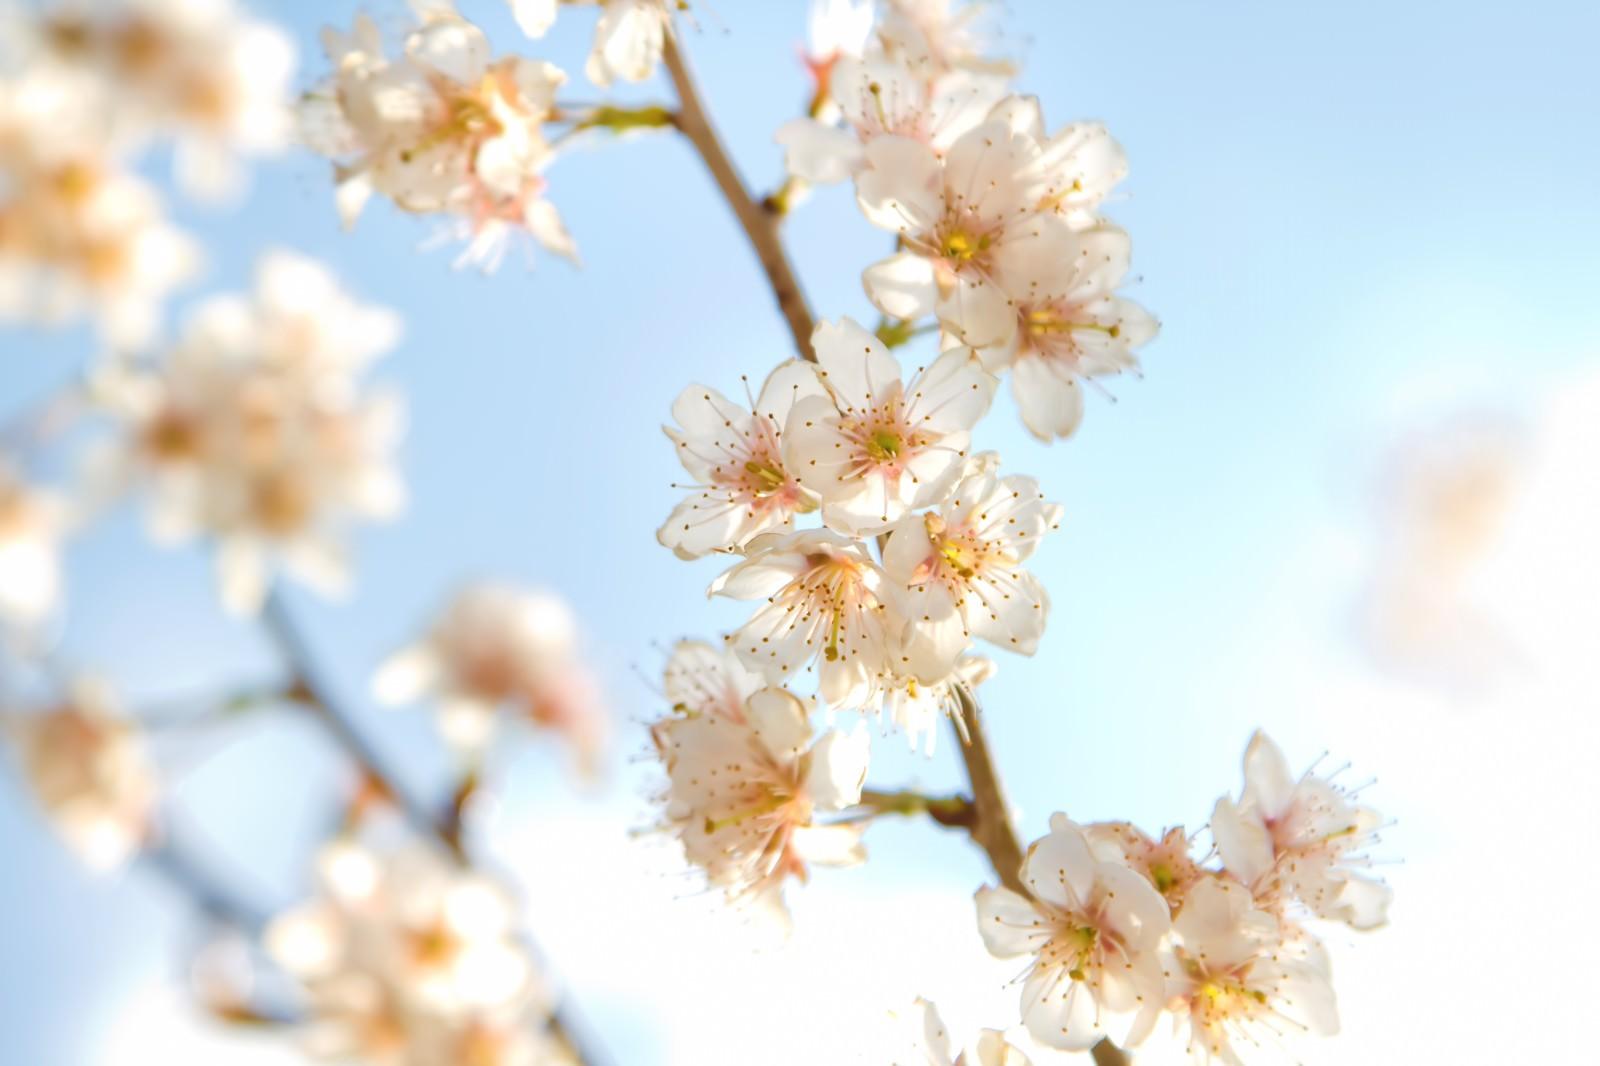 「ほんわかした桜ほんわかした桜」のフリー写真素材を拡大